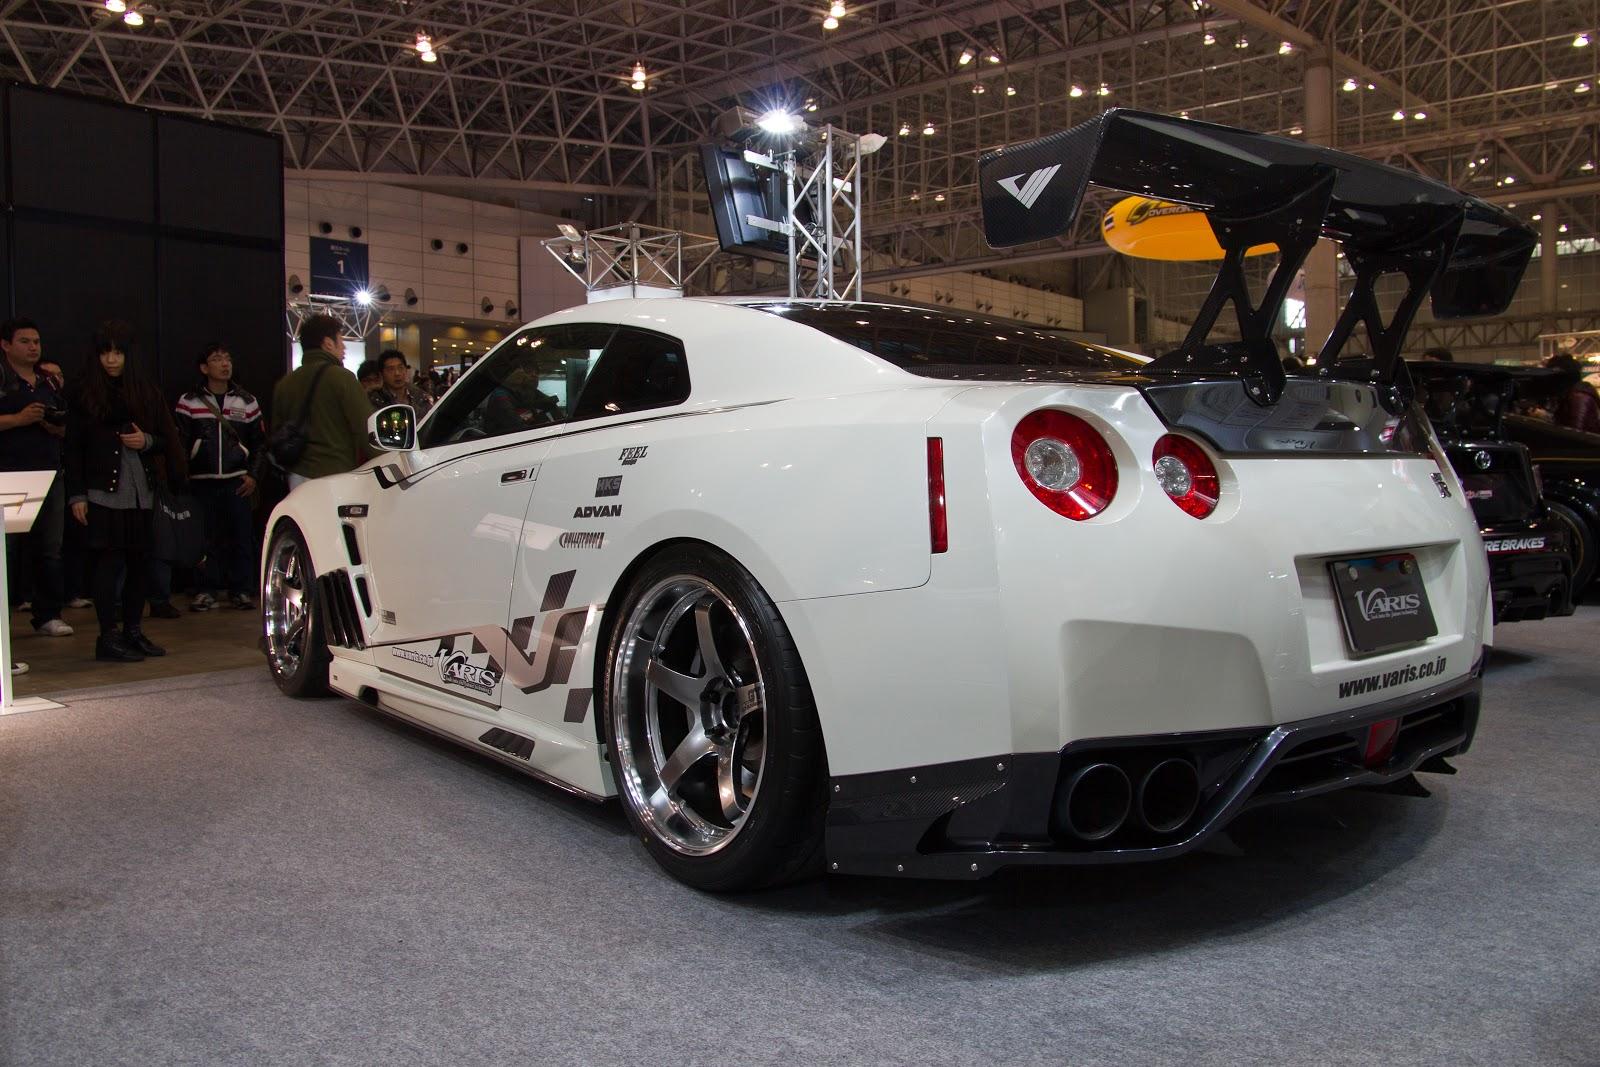 Kaizen Tuning Blog: Tokyo Auto Salon 2013